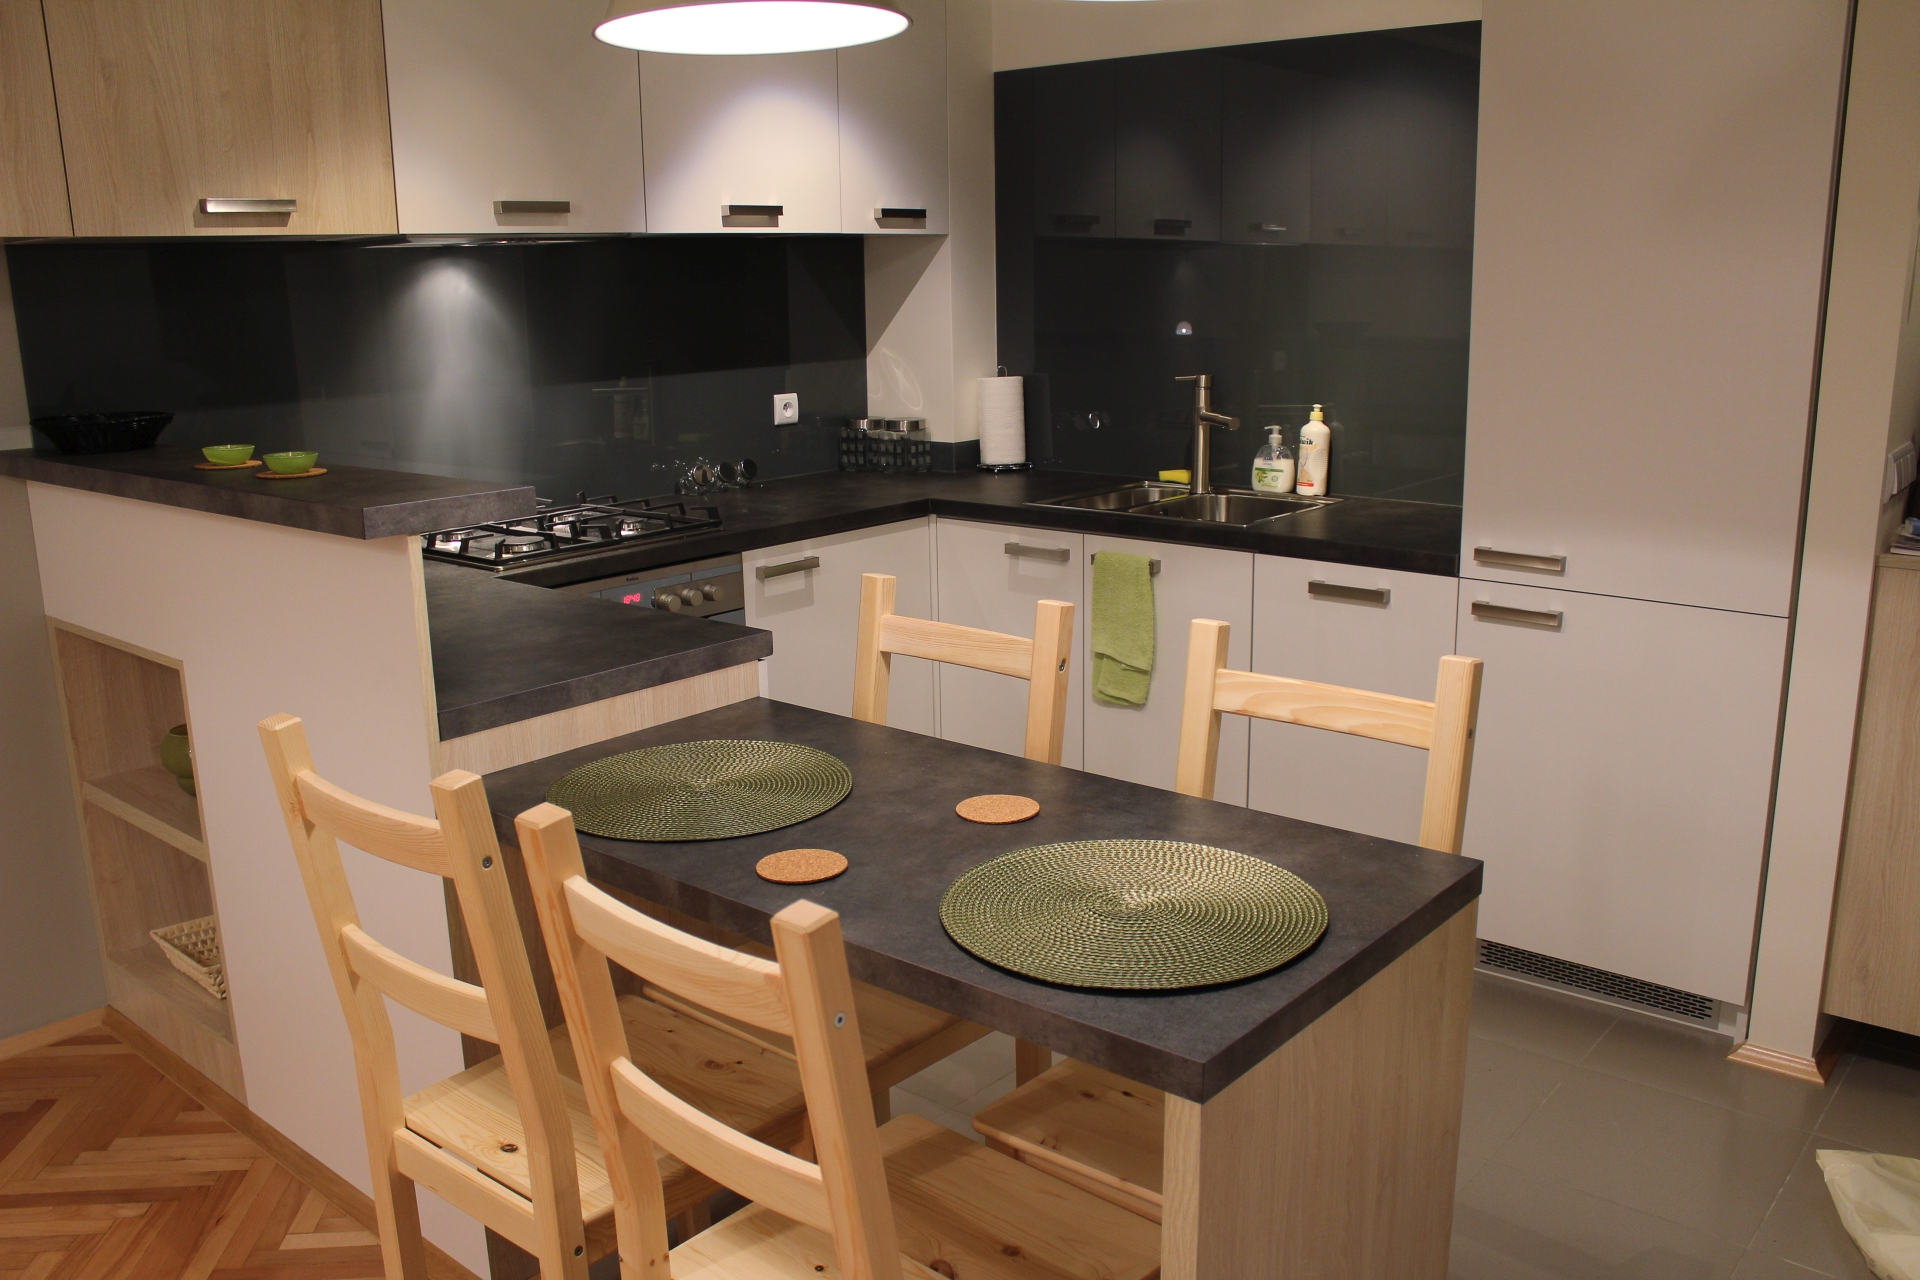 Kuchnie na wymiar  Mieszkanie od A do Z -> Kuchnia Na Wymiar Raty